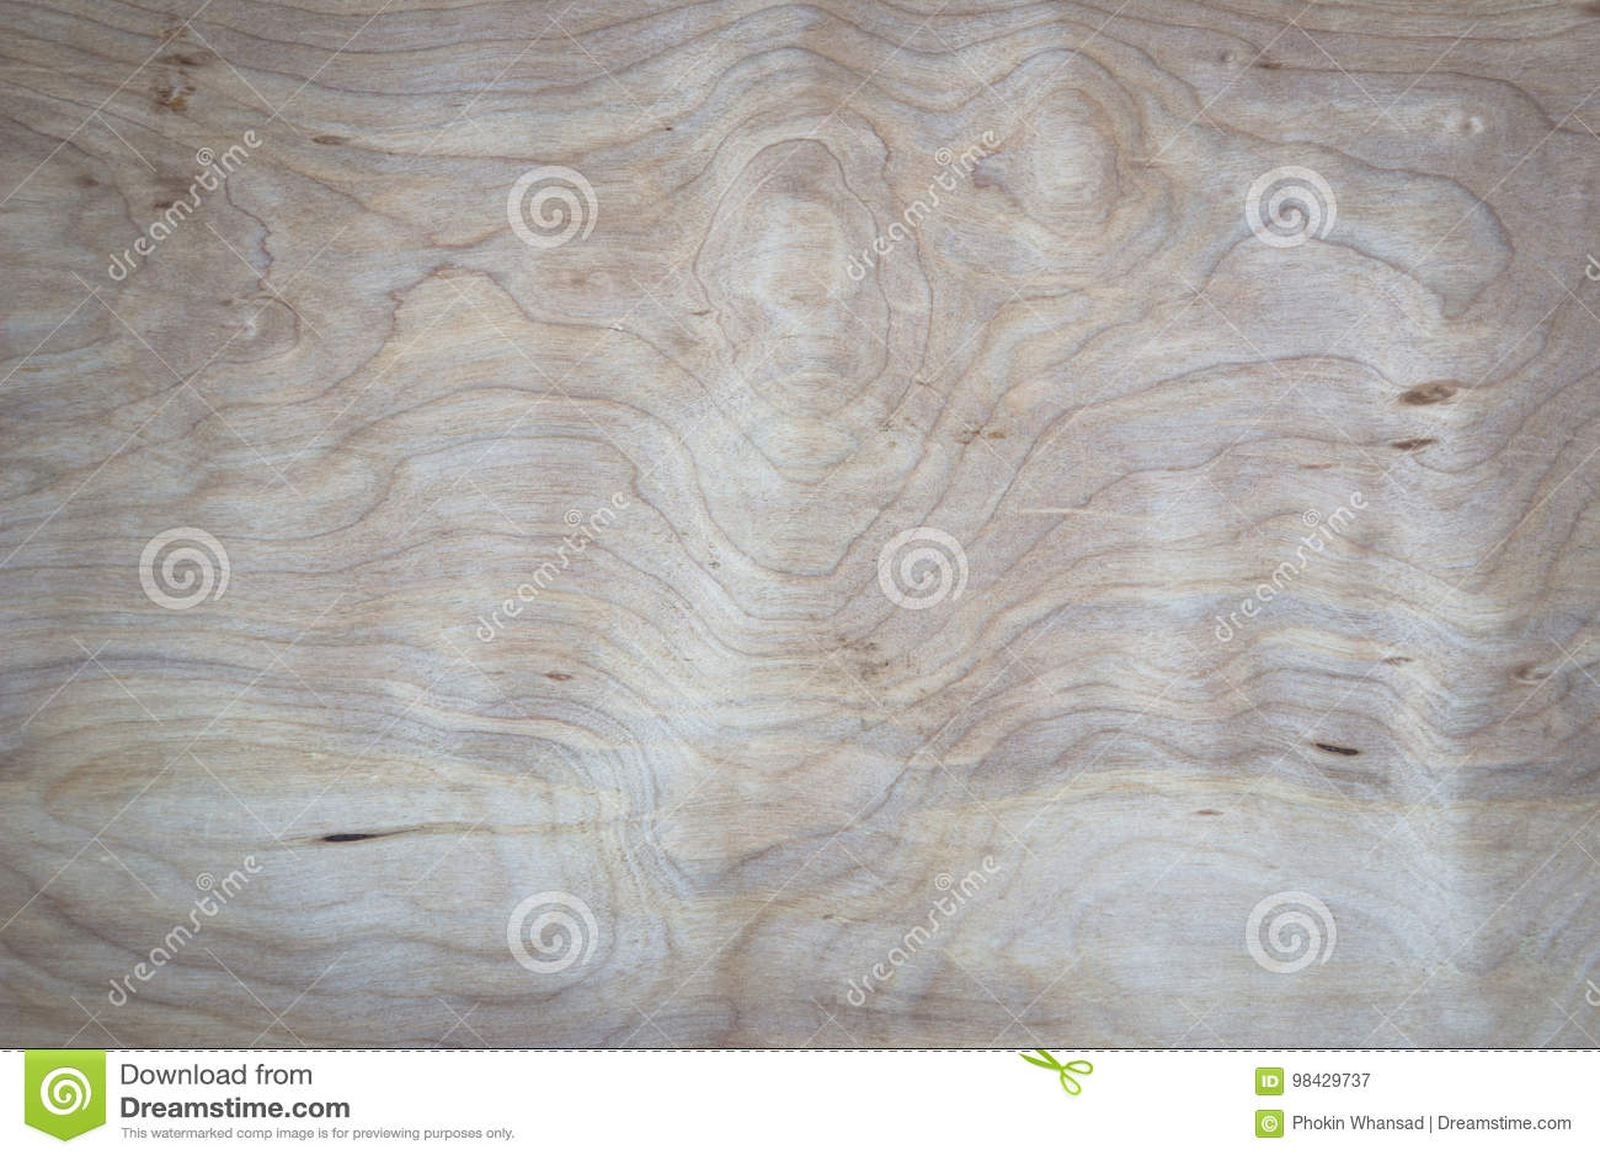 Legno Naturale Bianco : Fondo di legno bianco naturale reale di struttura della parete